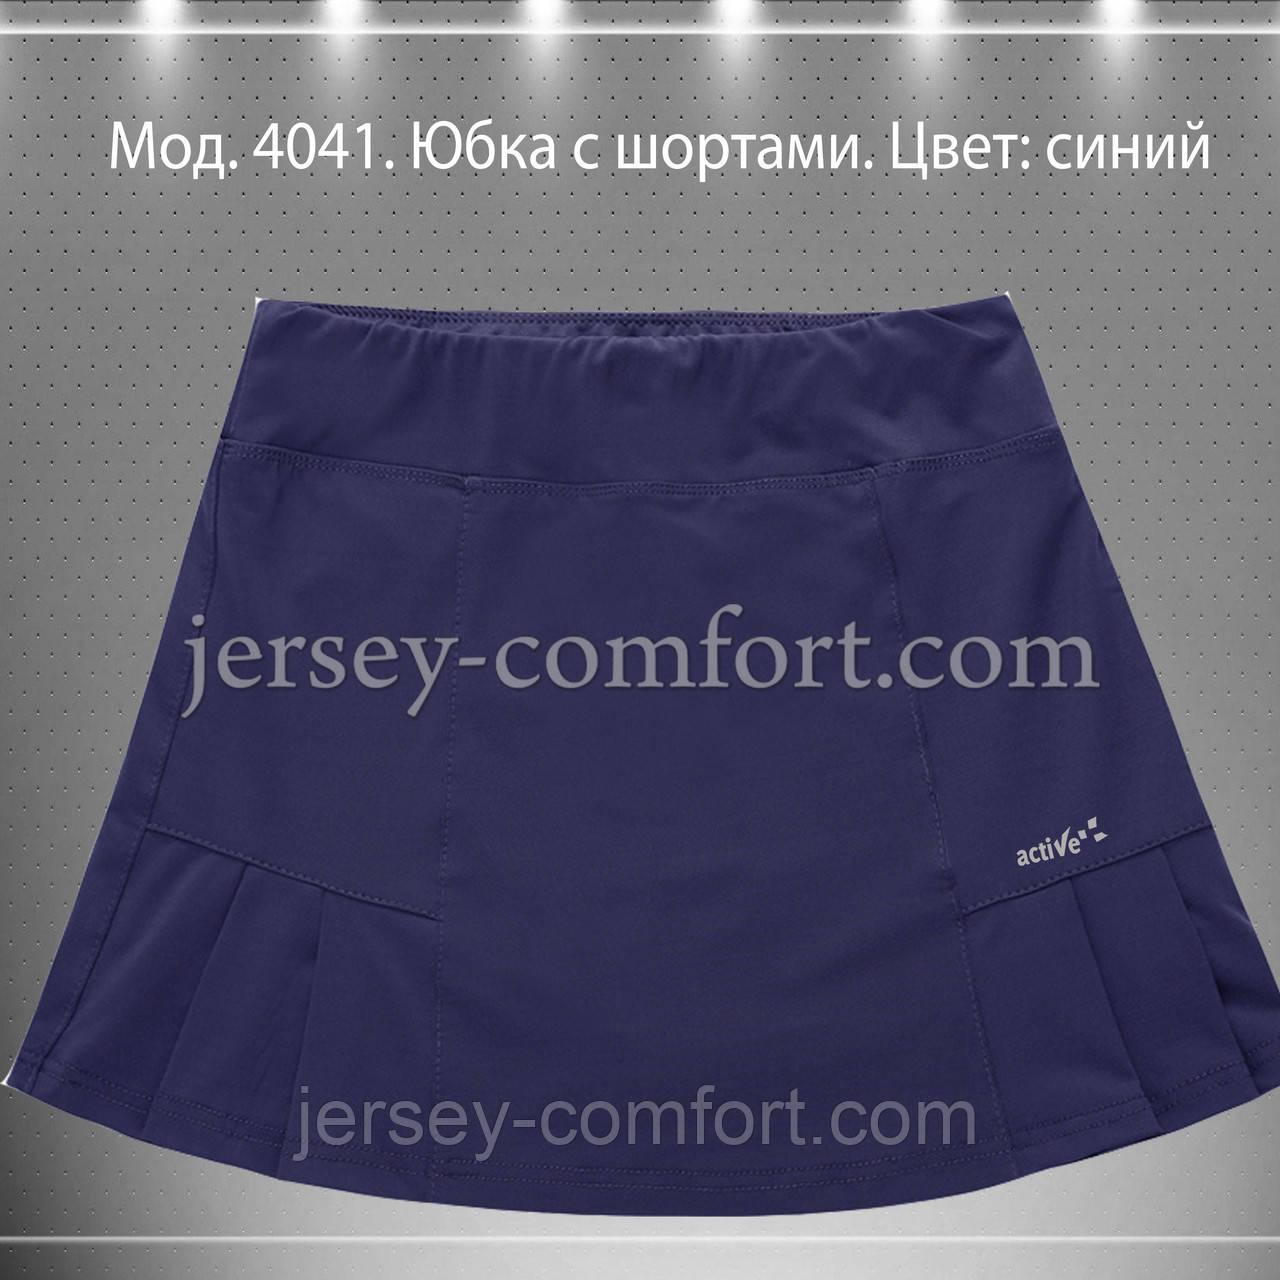 Юбка с шортами, синяя. Юбка спортивная. Мод. 4041, фото 1